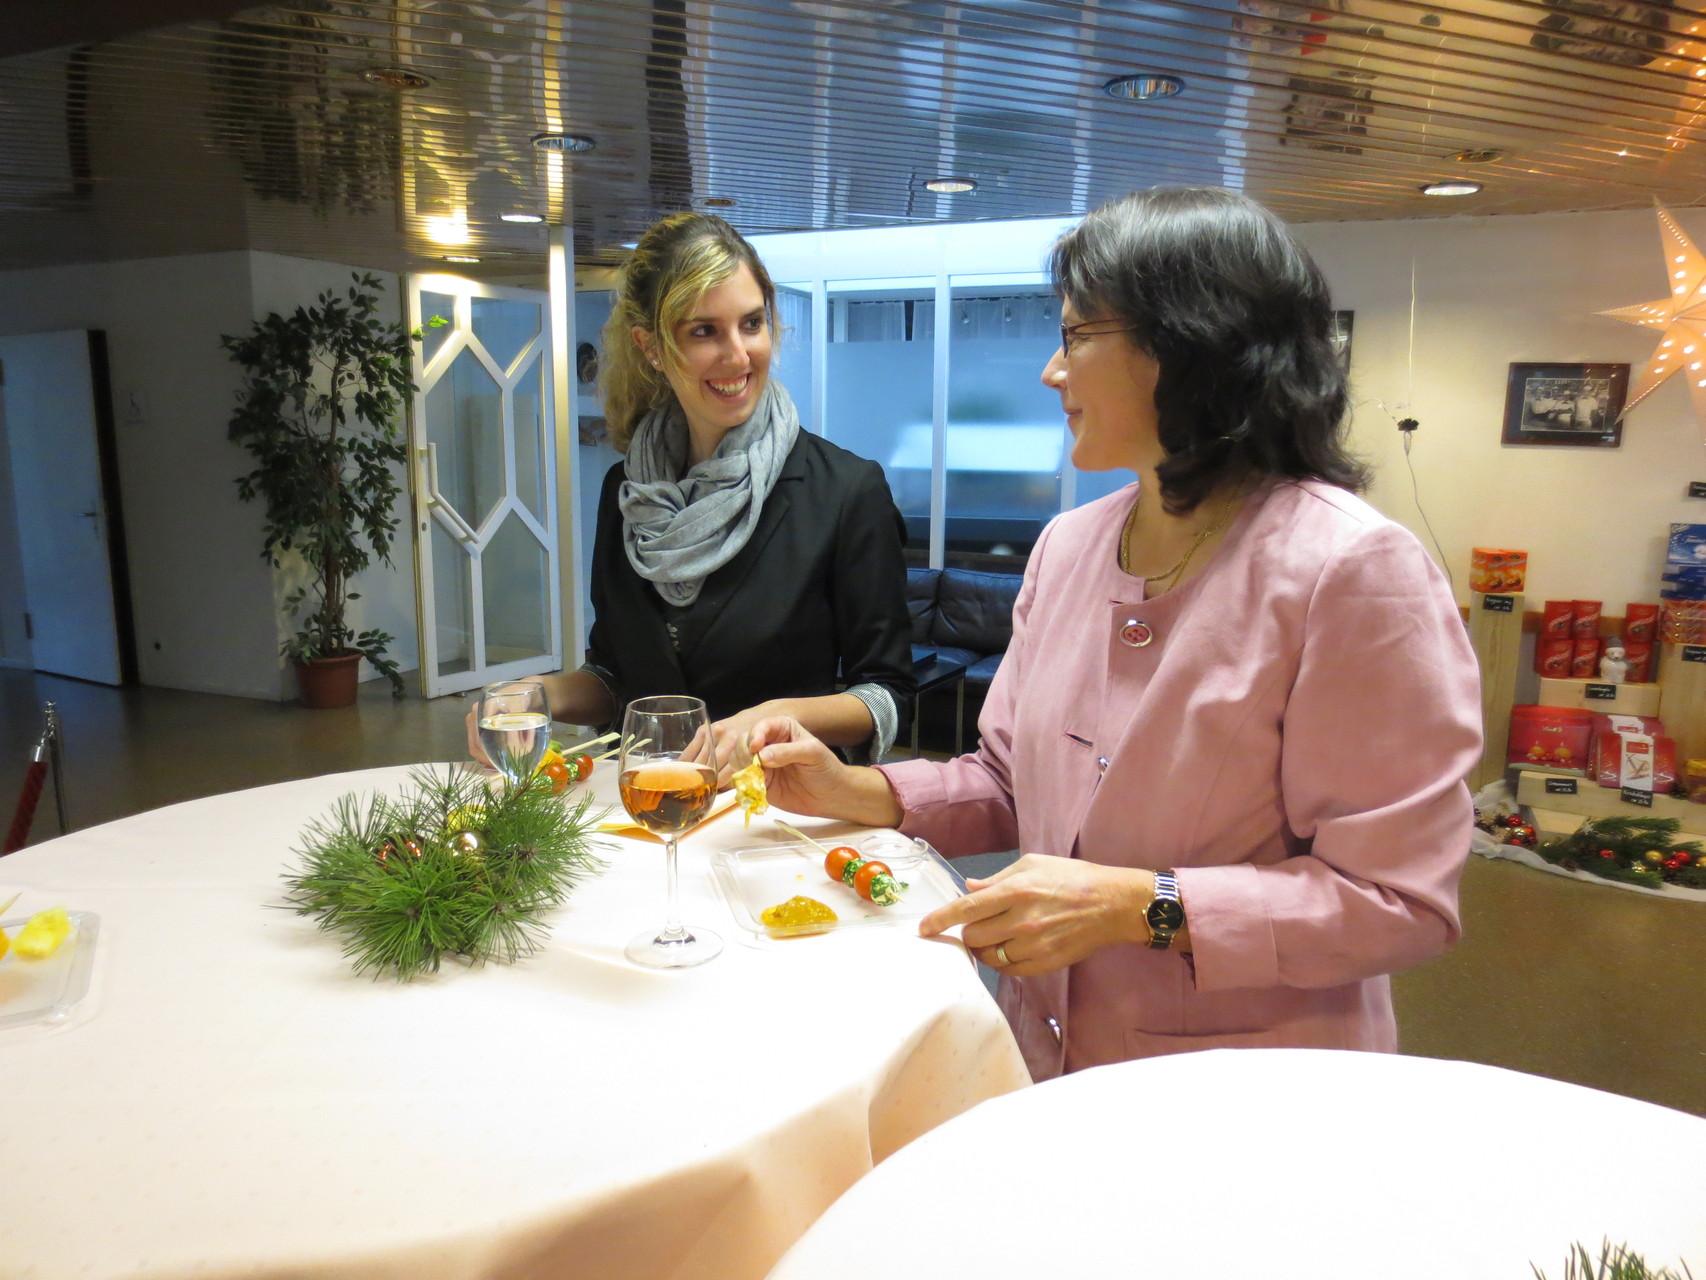 Suzi und Sandra beim Fachsimpeln..., schön, wenn sich die VDSV-Mitglieder etwas Zeit füreinander nehmen können